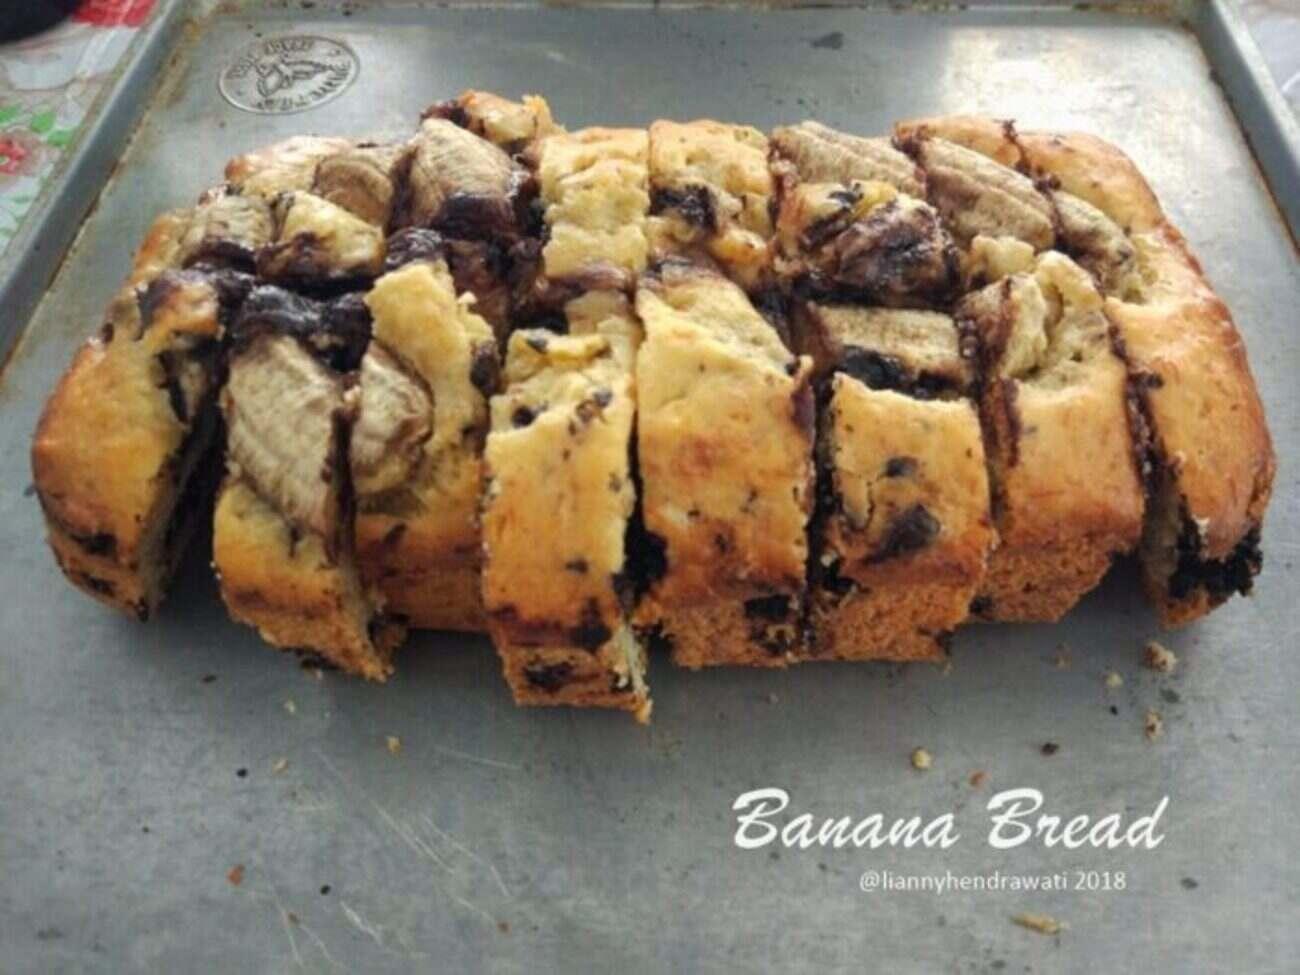 Resep Banana Bread, Roti Klasik Dari Negeri Paman Sam